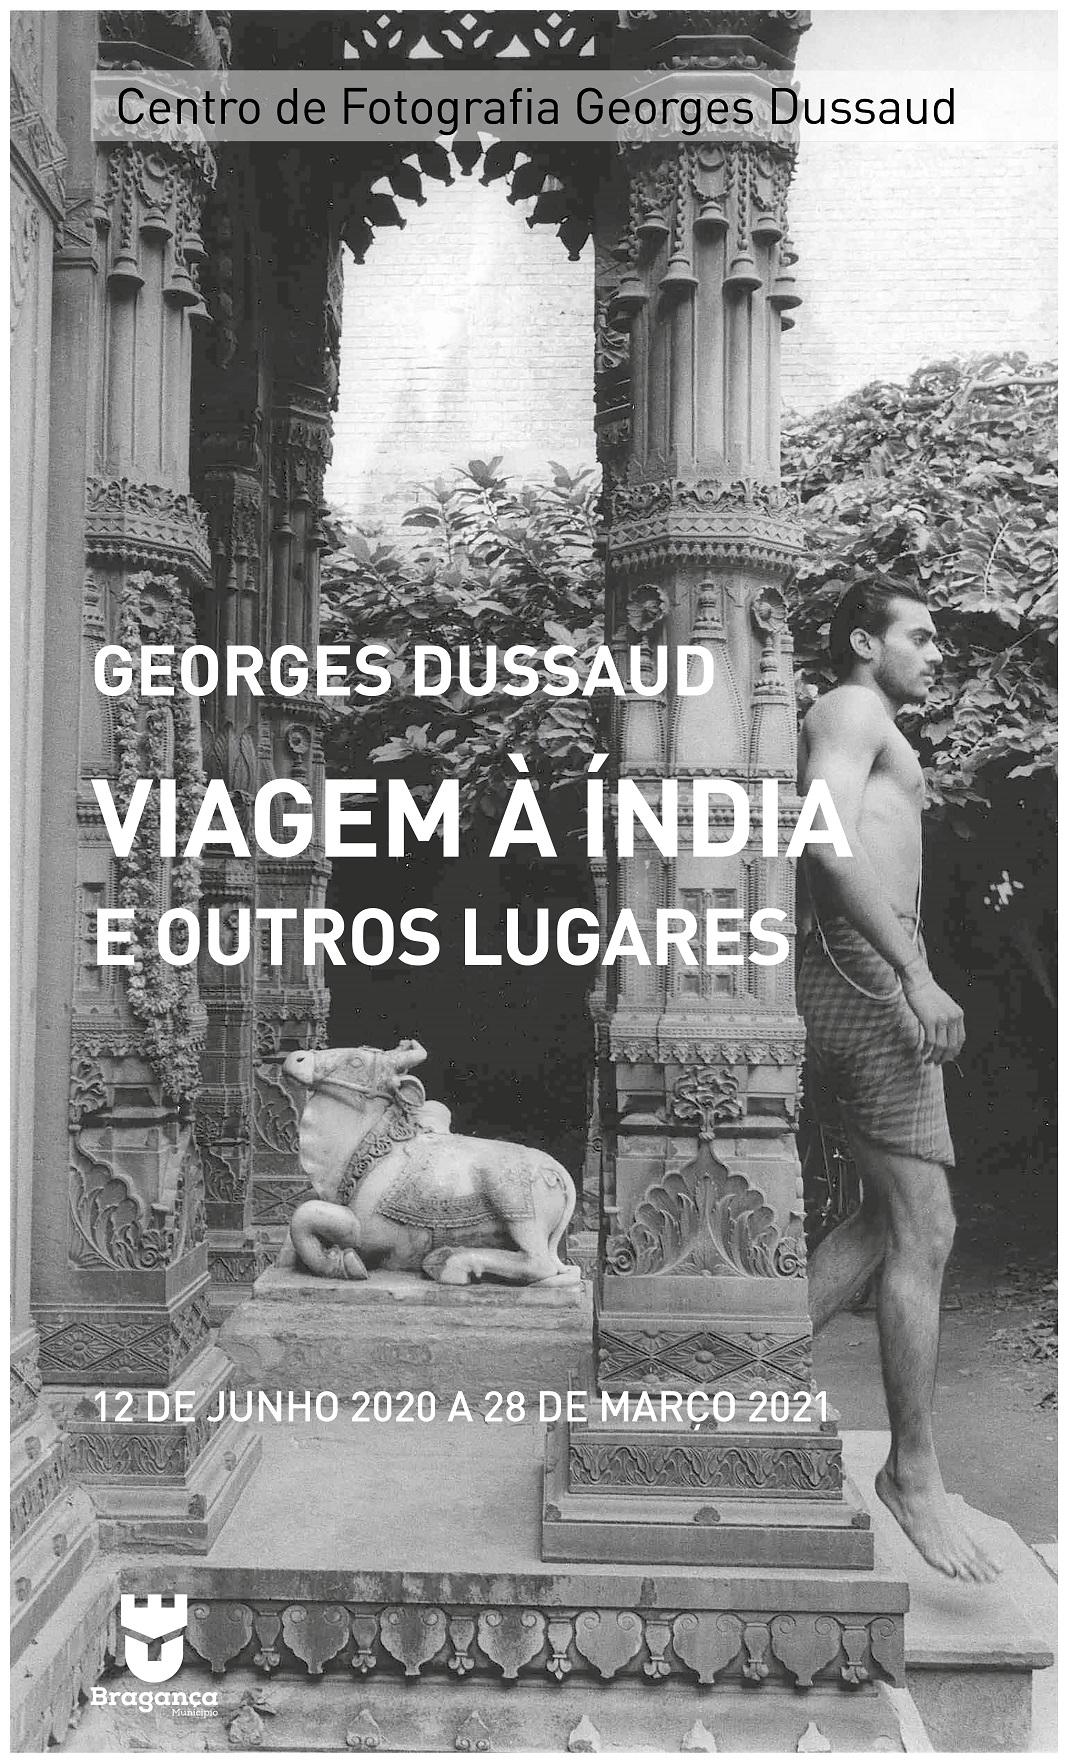 Exposições: Bragança com duas sugestões de ofertas culturais